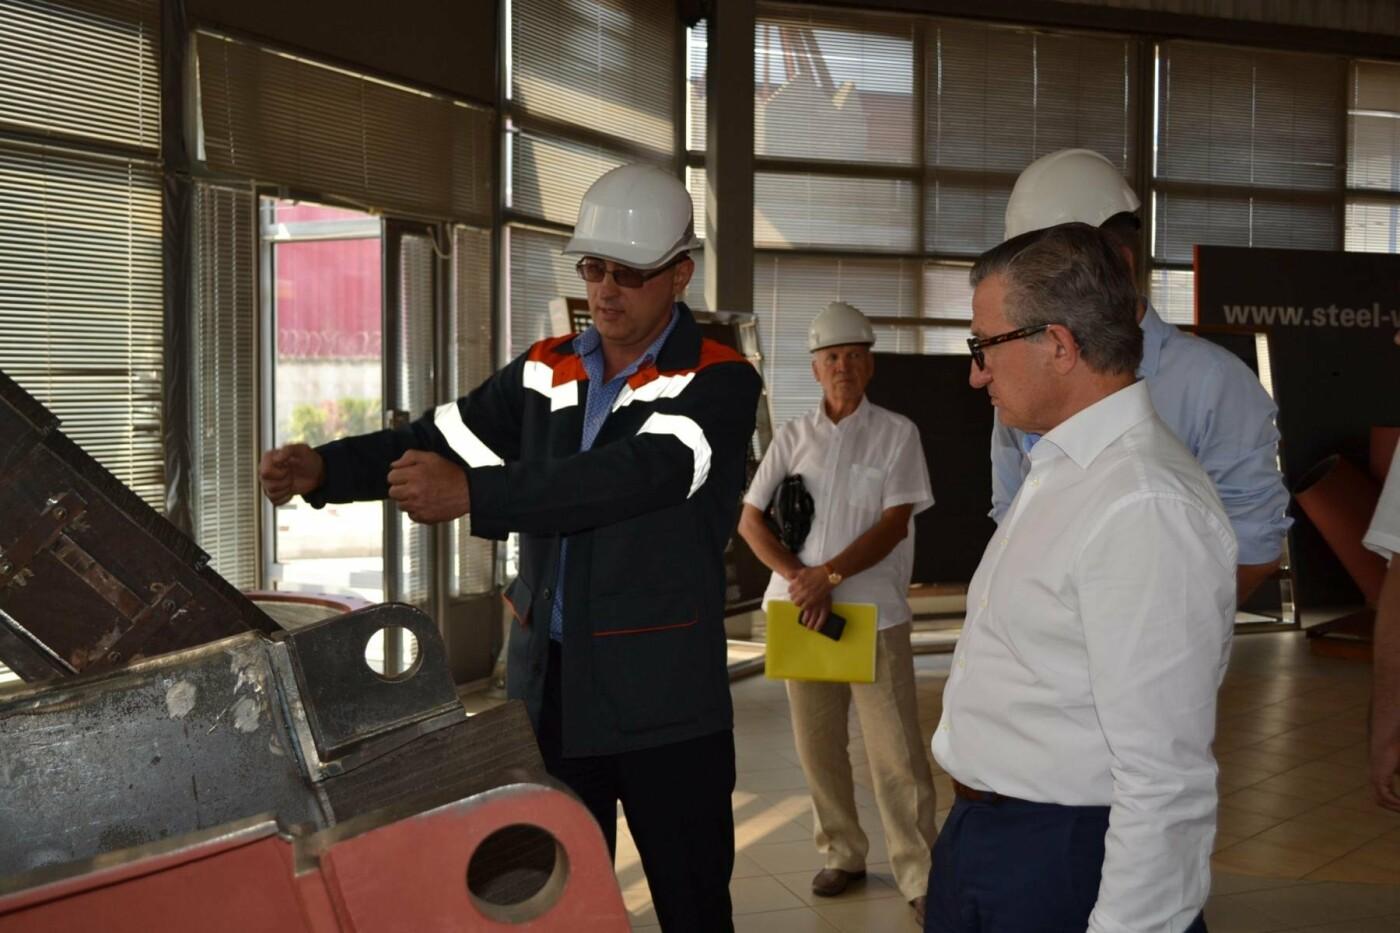 Что надо менять? - работники криворожского завода Steel Work получили ответ от Сергея Таруты, фото-7